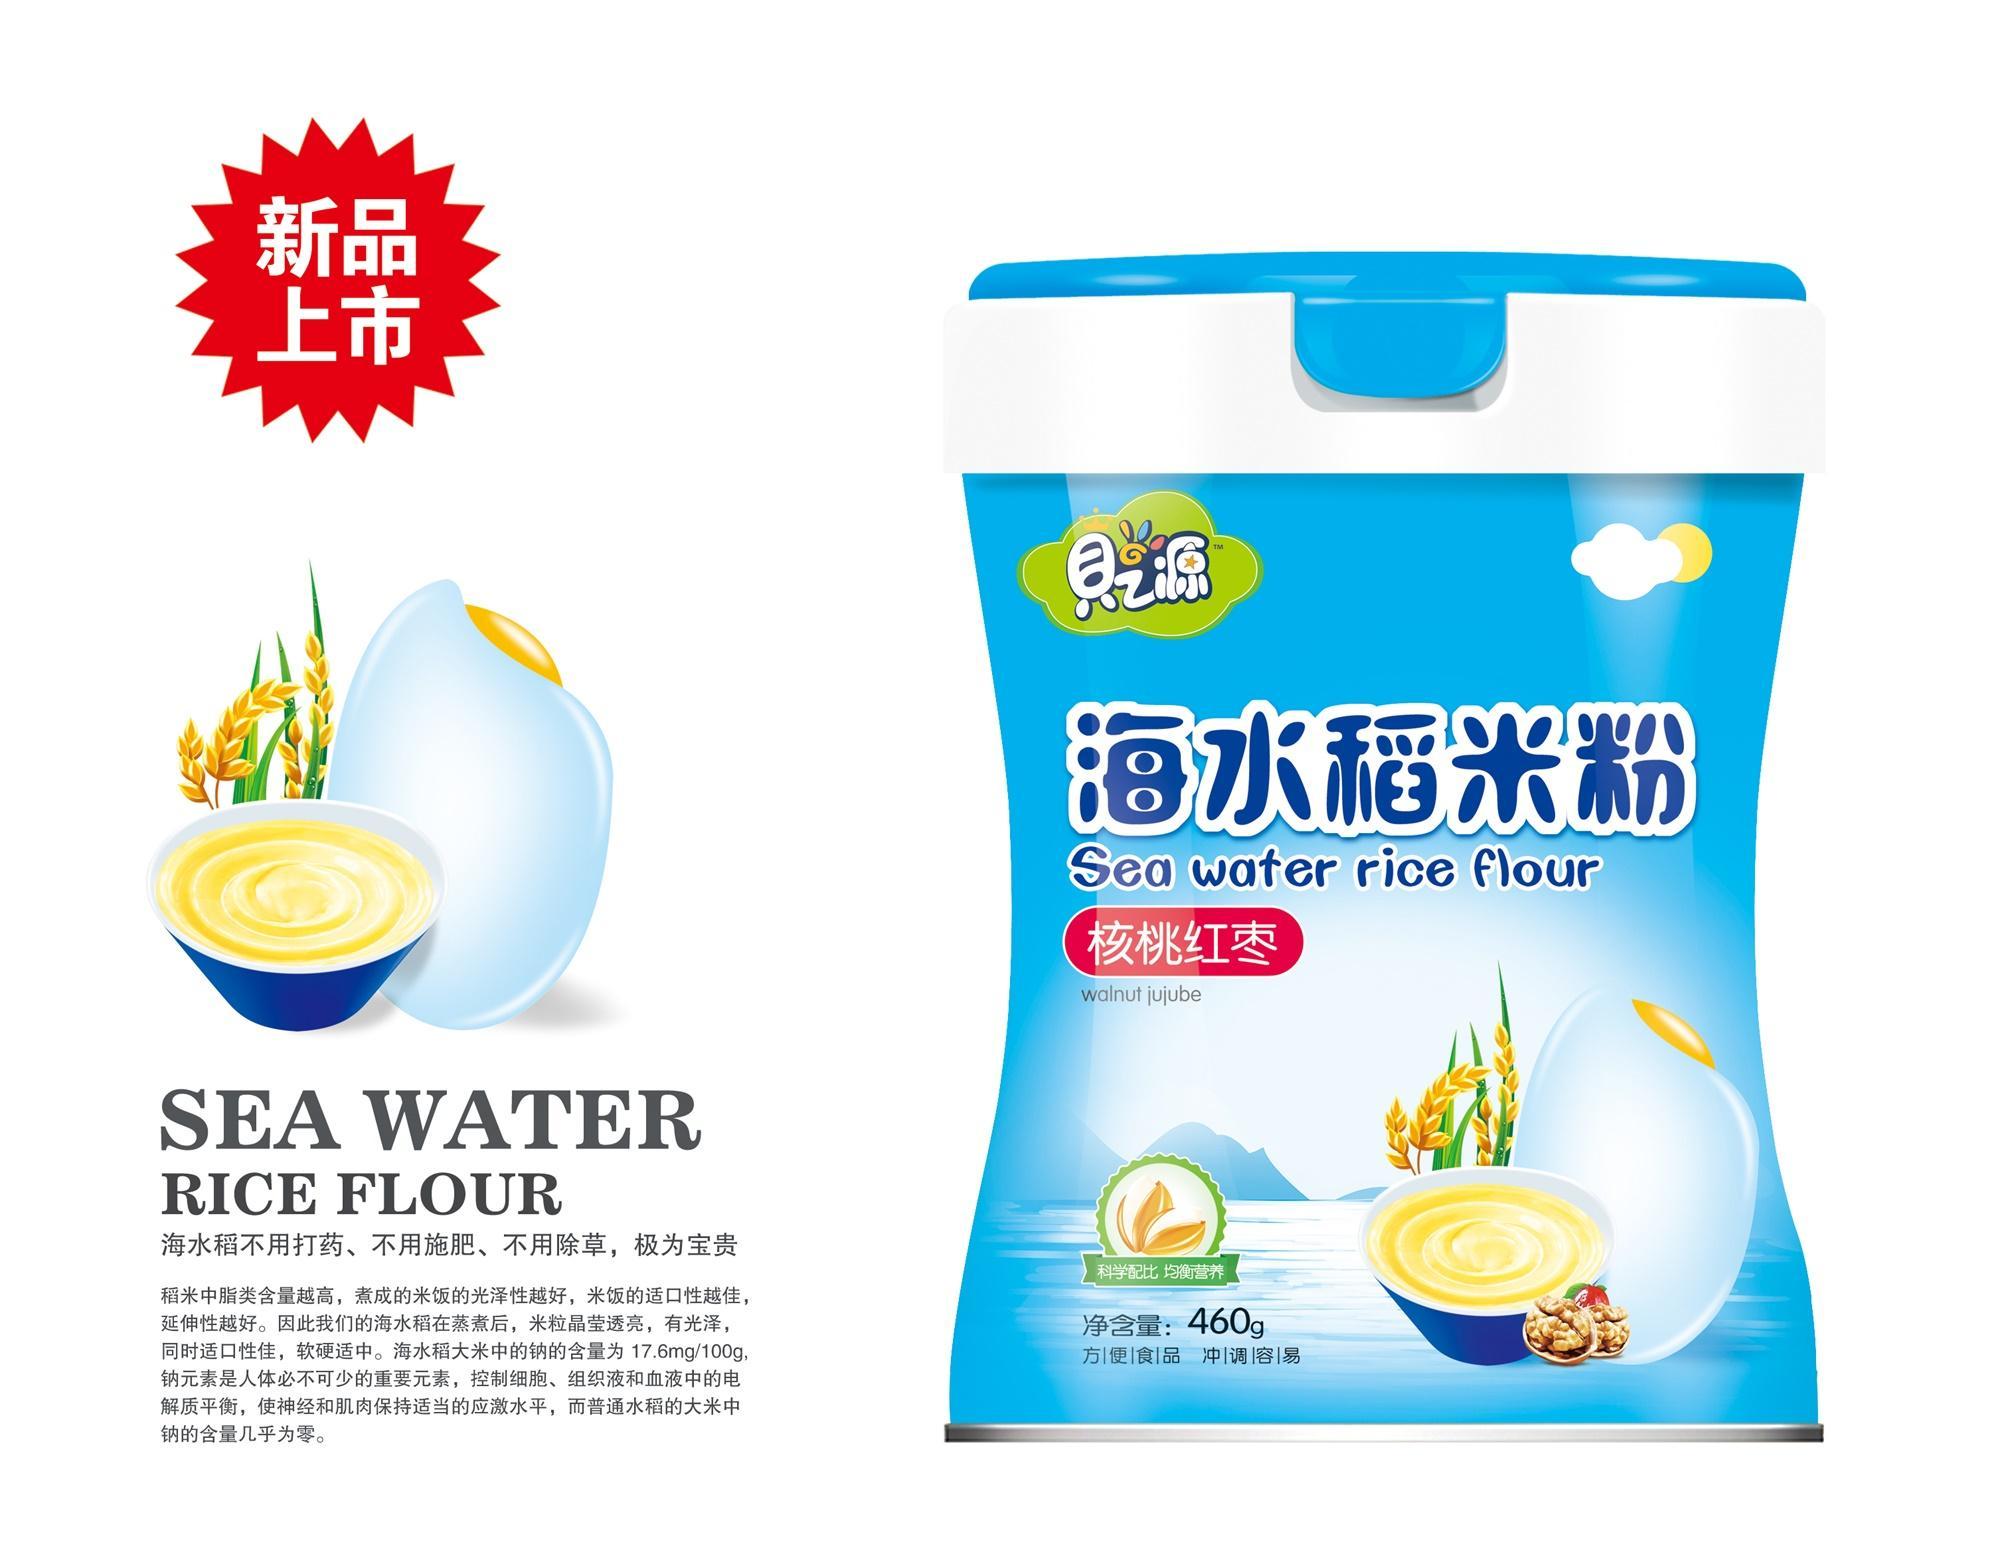 核桃红枣海水稻米粉听装招商